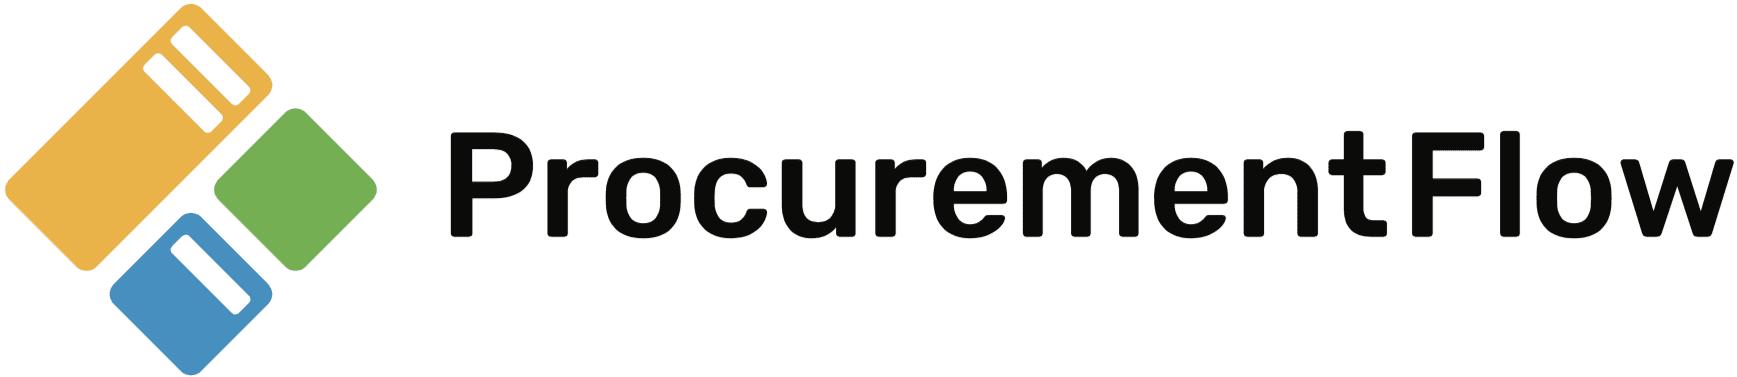 Procurement Flow